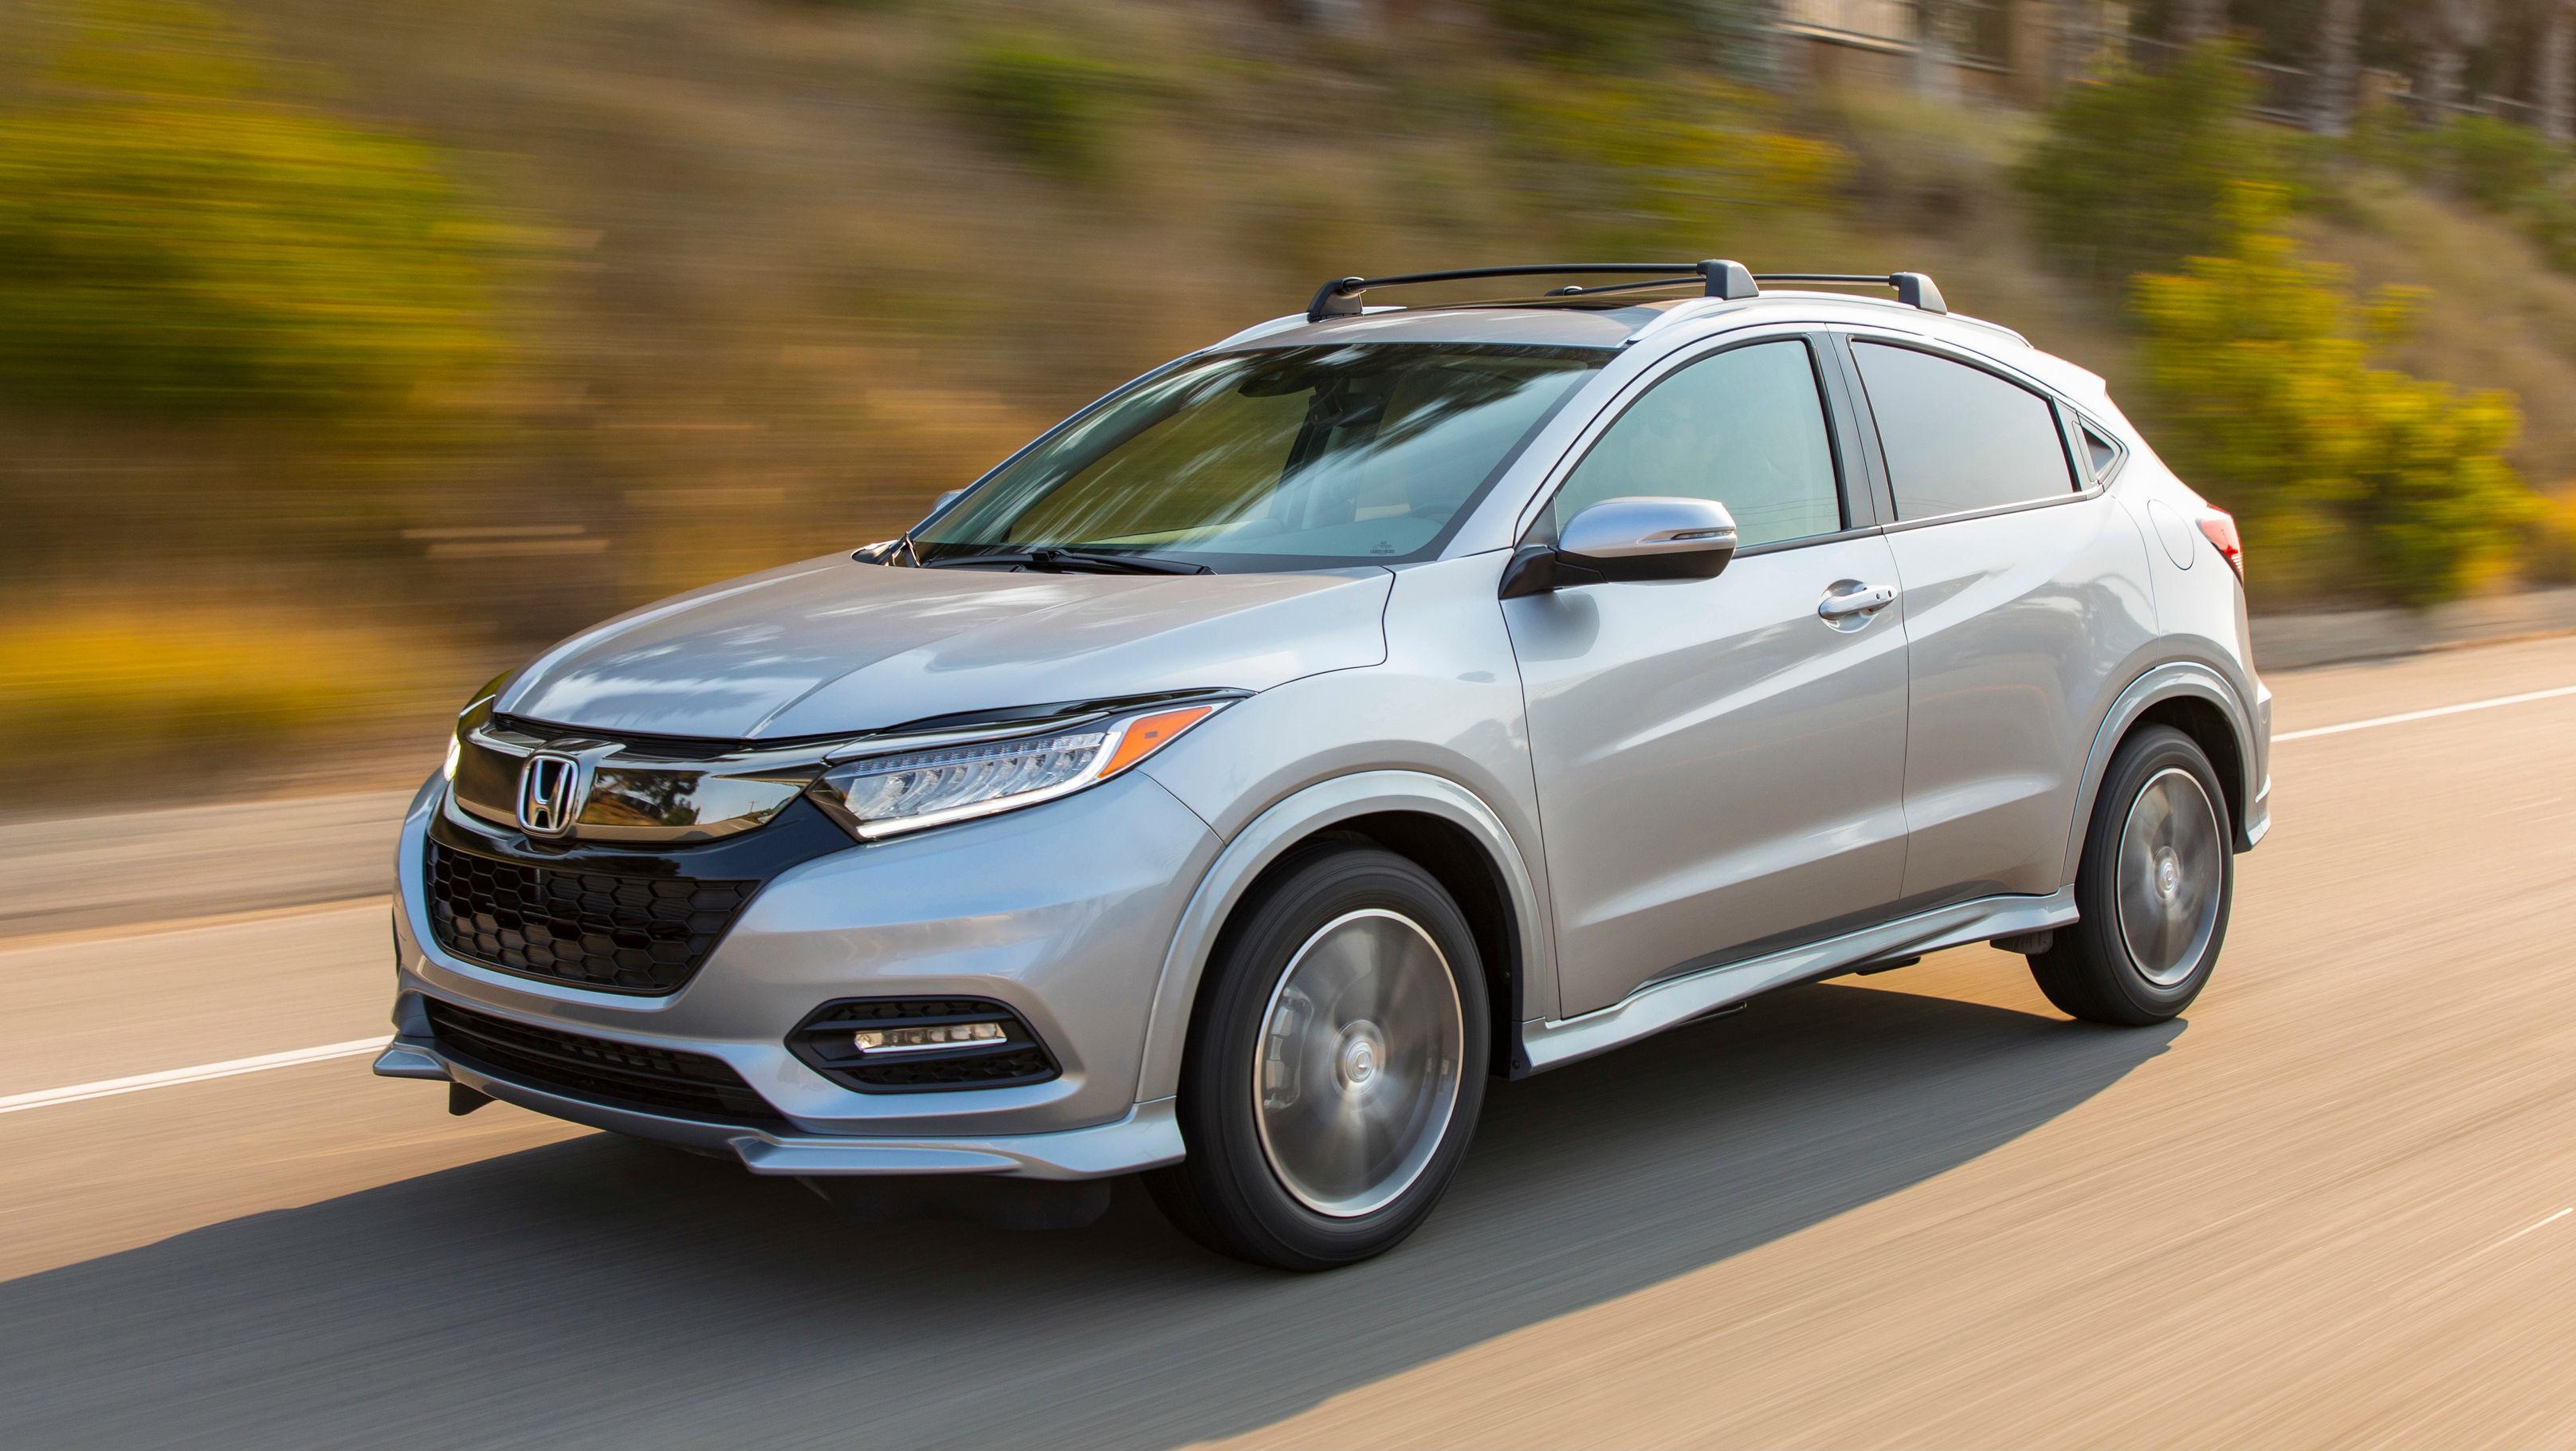 Buying Used Honda HR-V